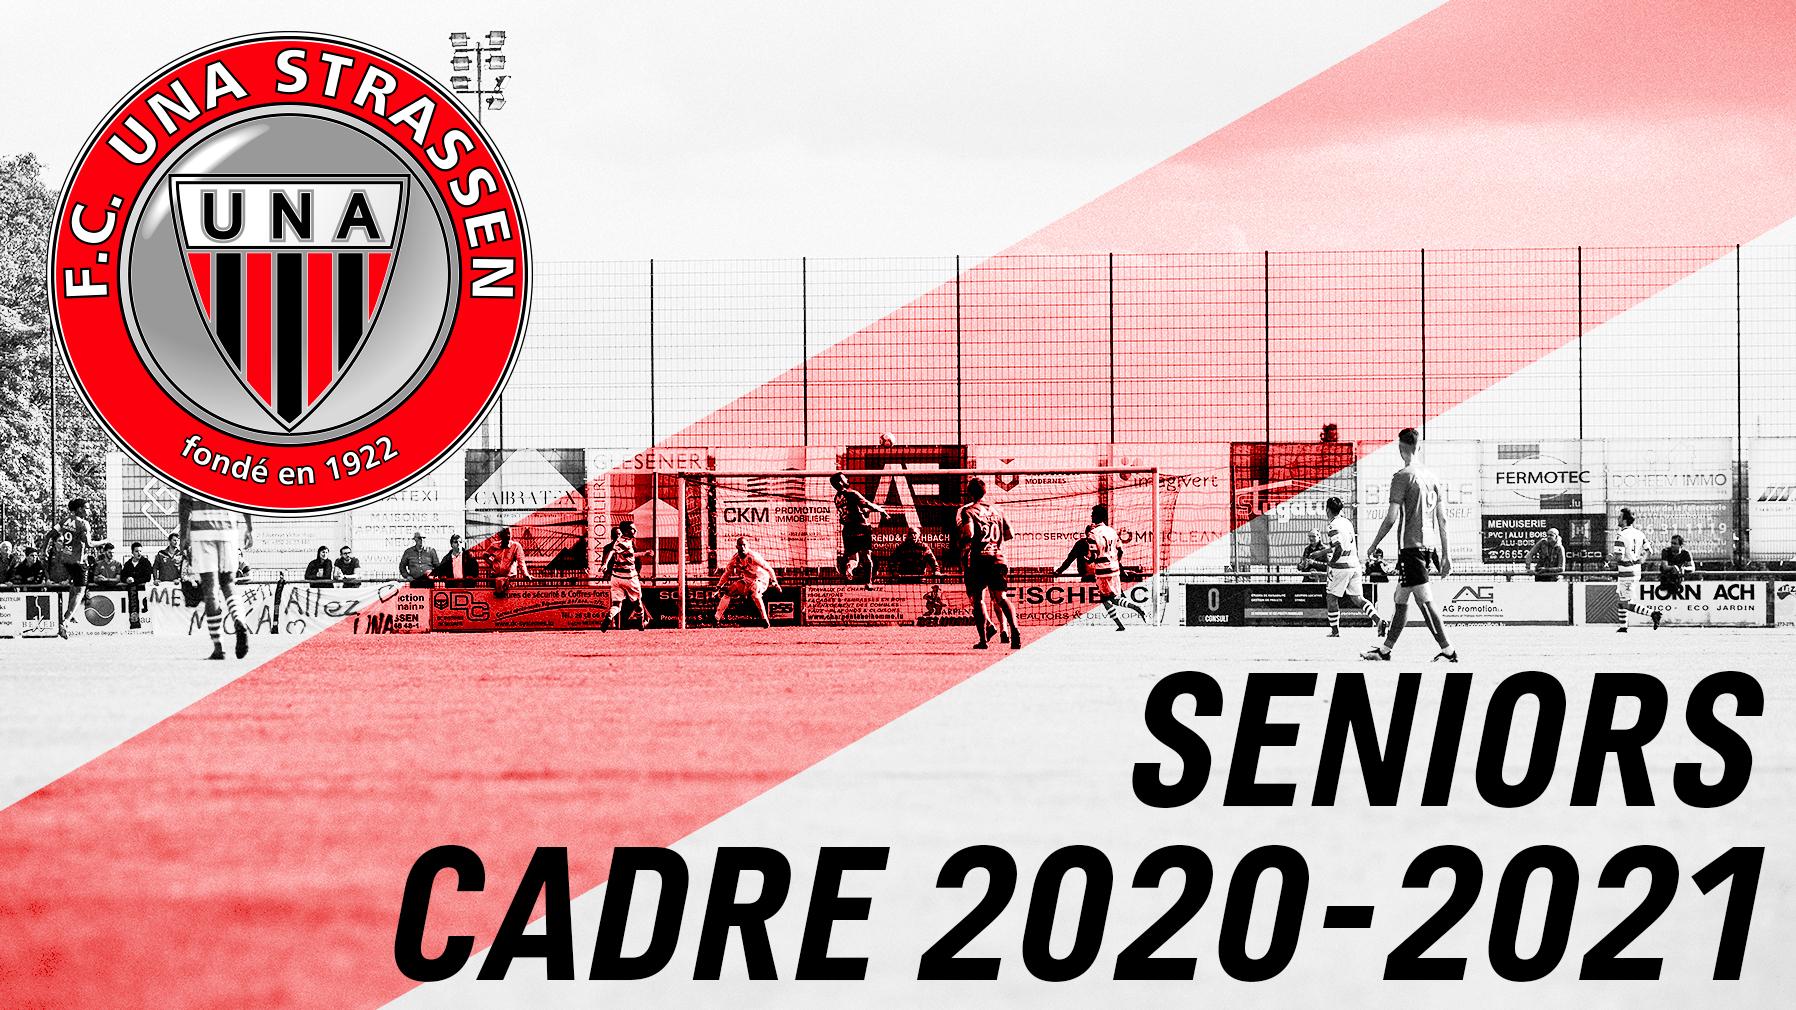 UNA STRASSEN Cadre 2020-2021